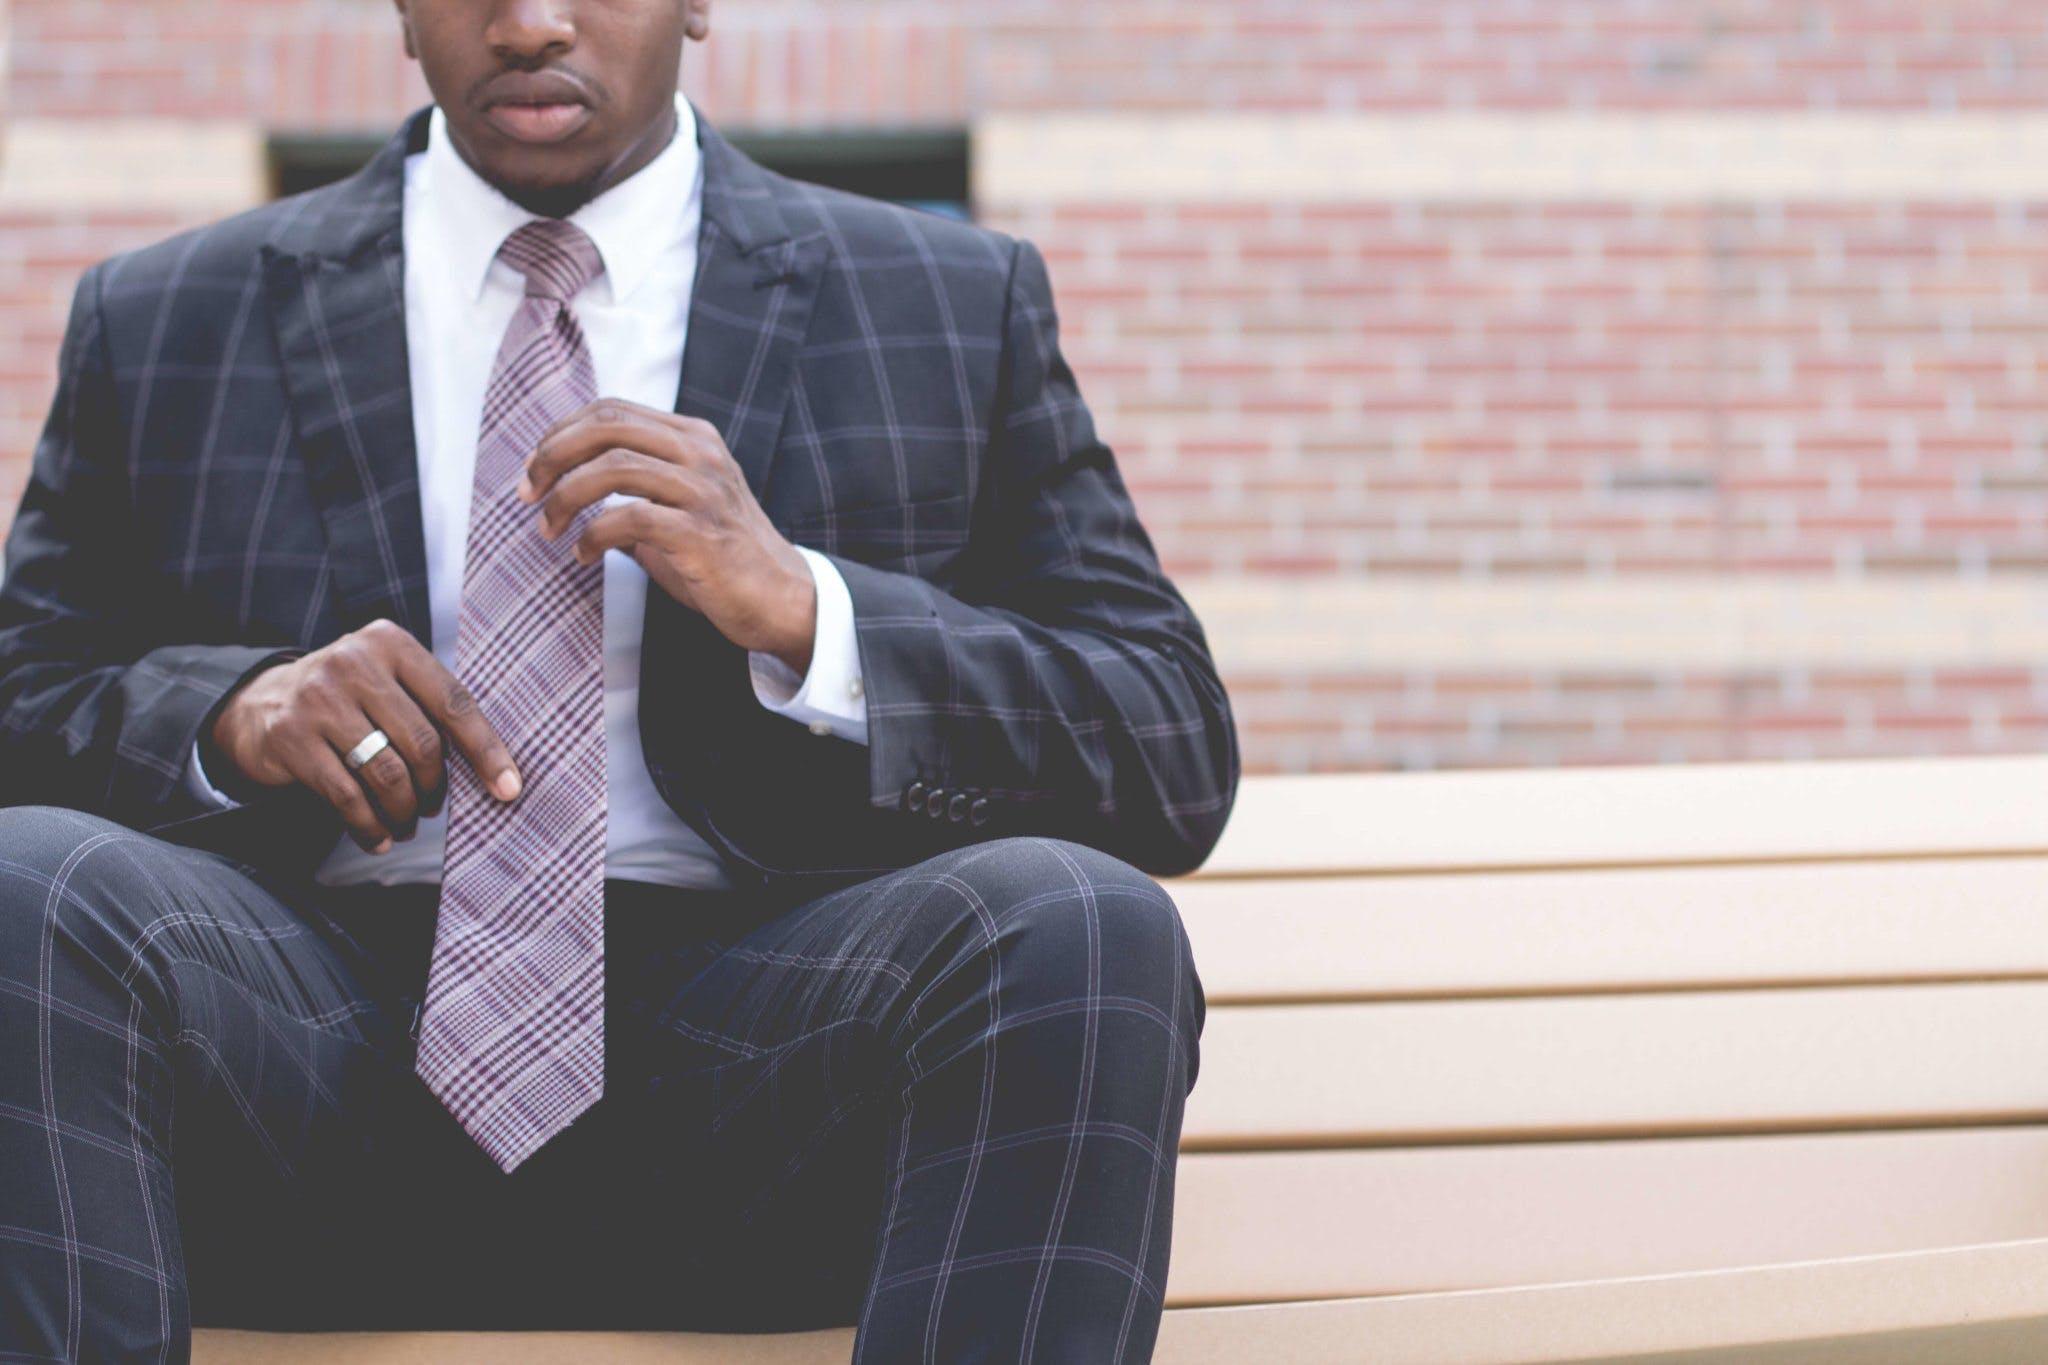 Men's Plaid Suit and Pants